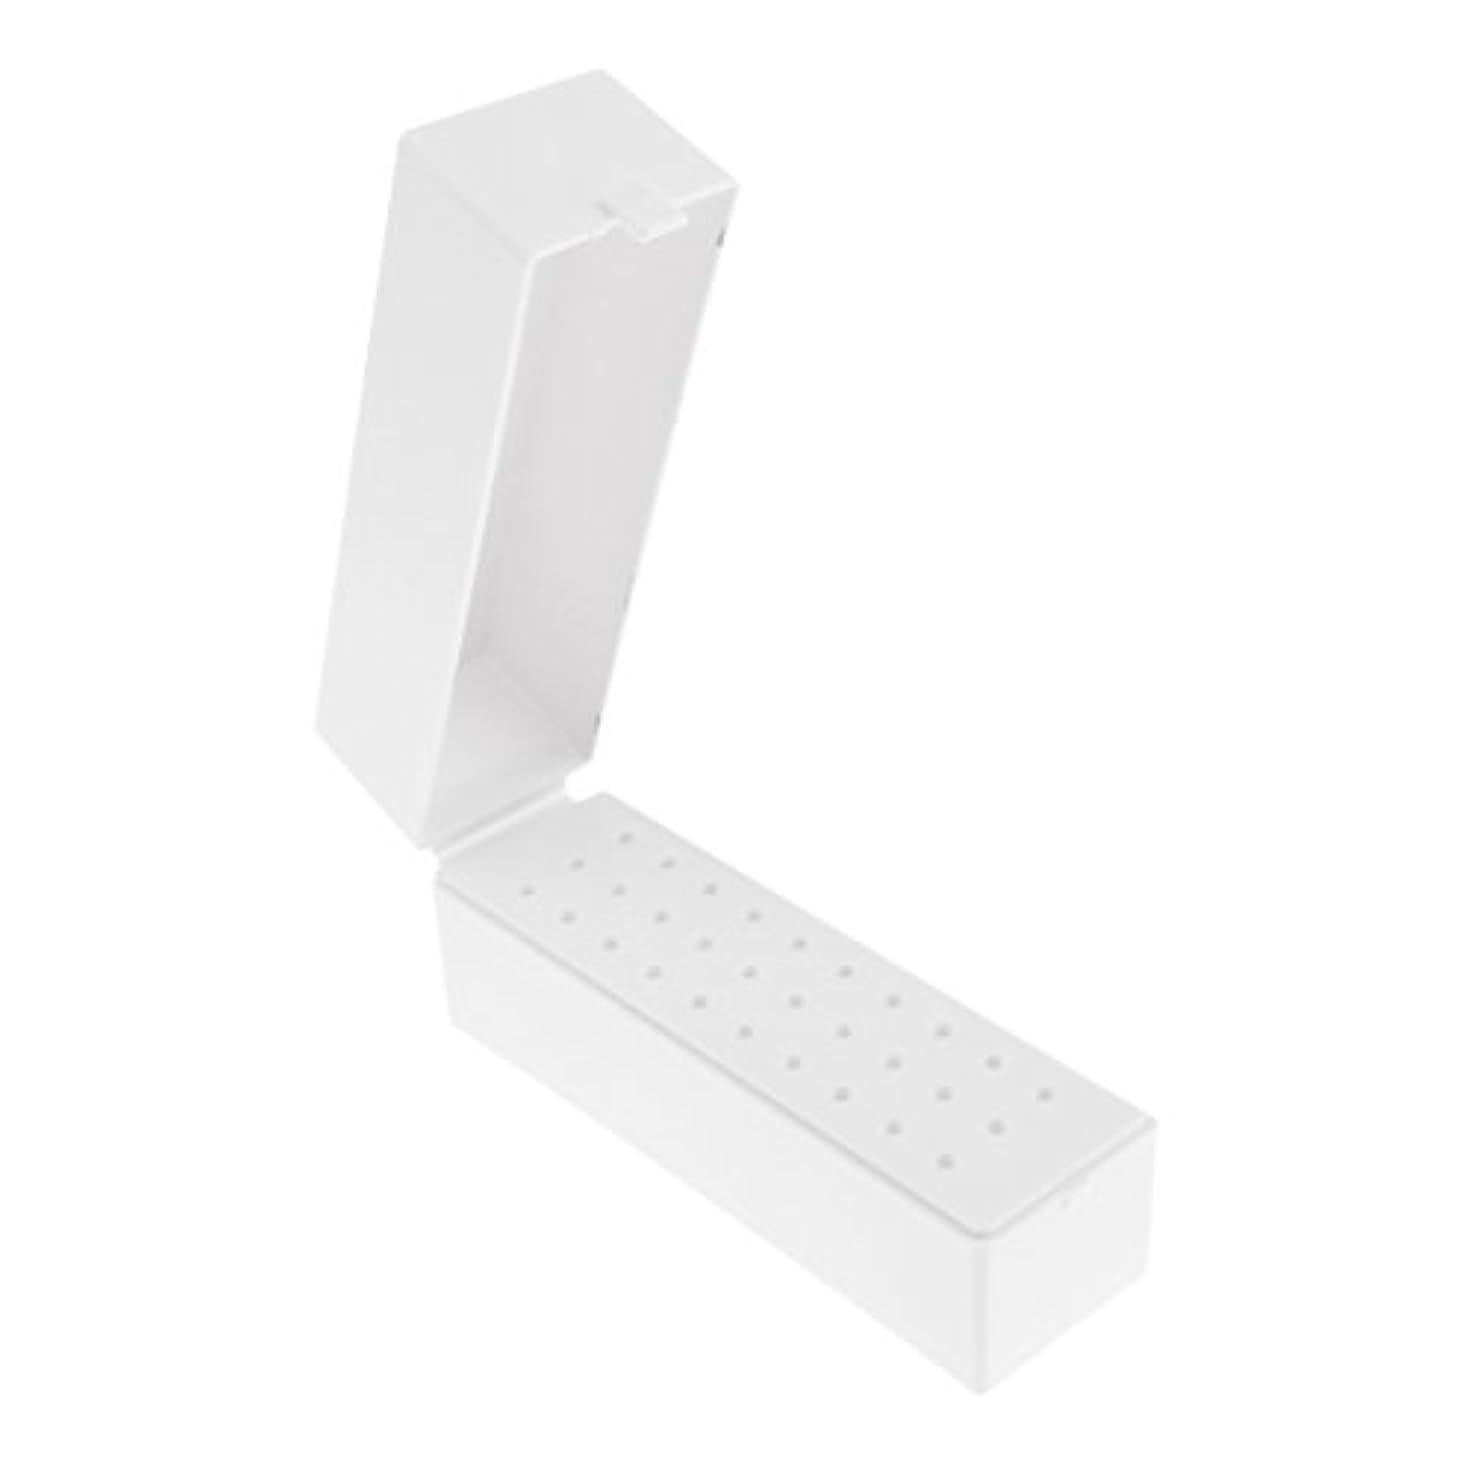 恥手のひらペイント30穴プラスチックネイルアートツールボックスネイルドリルビットホルダー防塵スタンド収納オーガナイザー